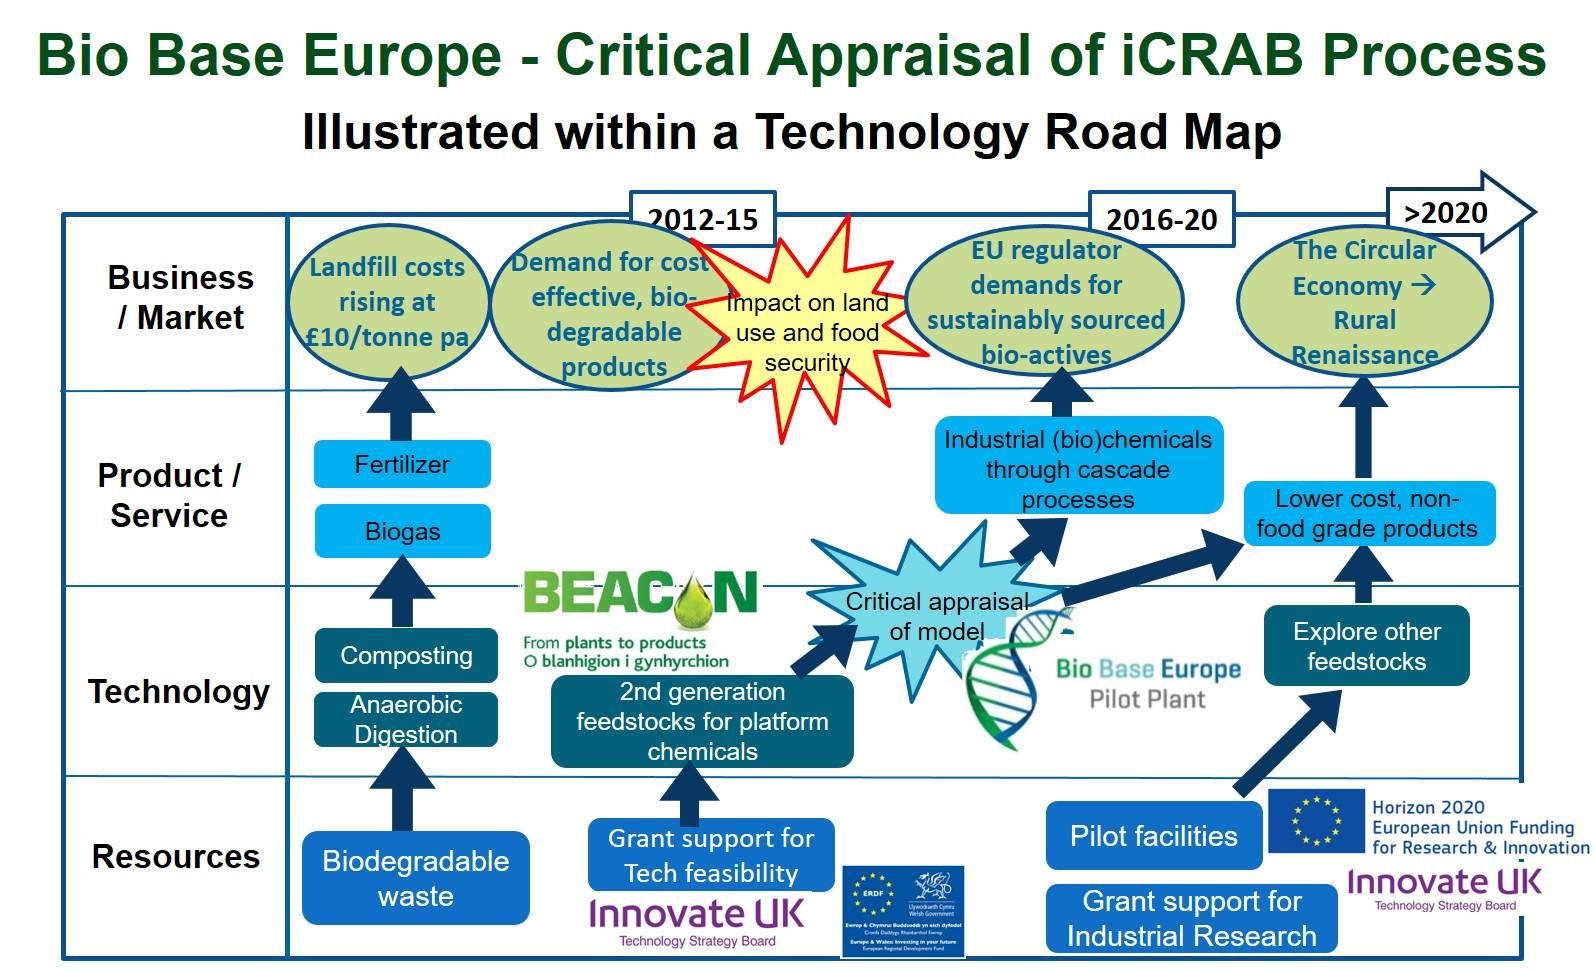 technology roadmap icrab critical appraisal 02112016